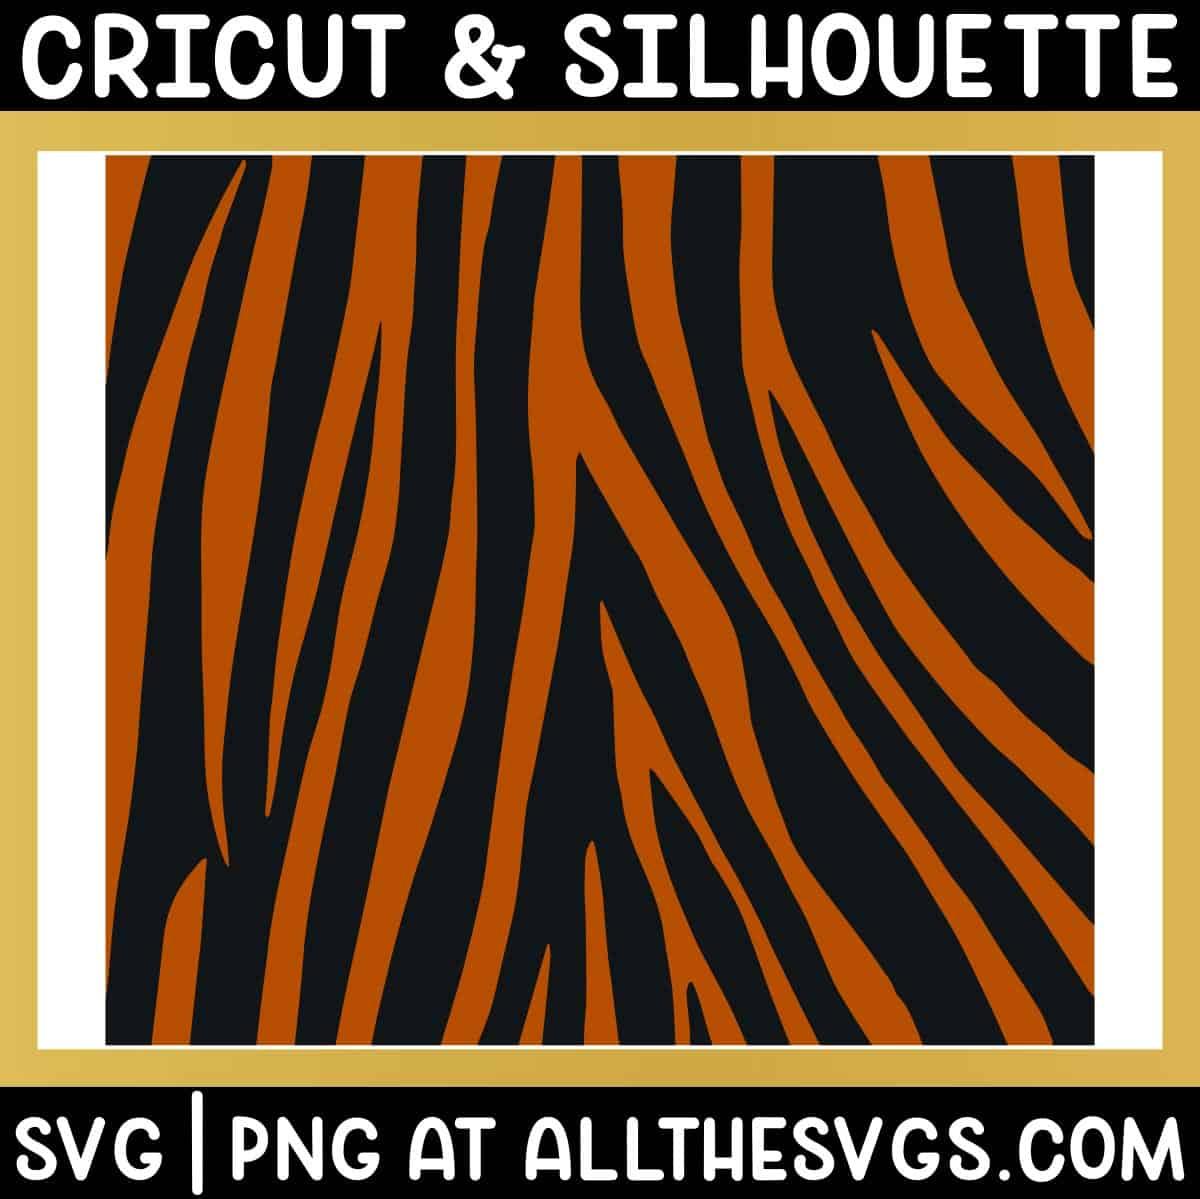 free tiger stripe pattern svg file side view.